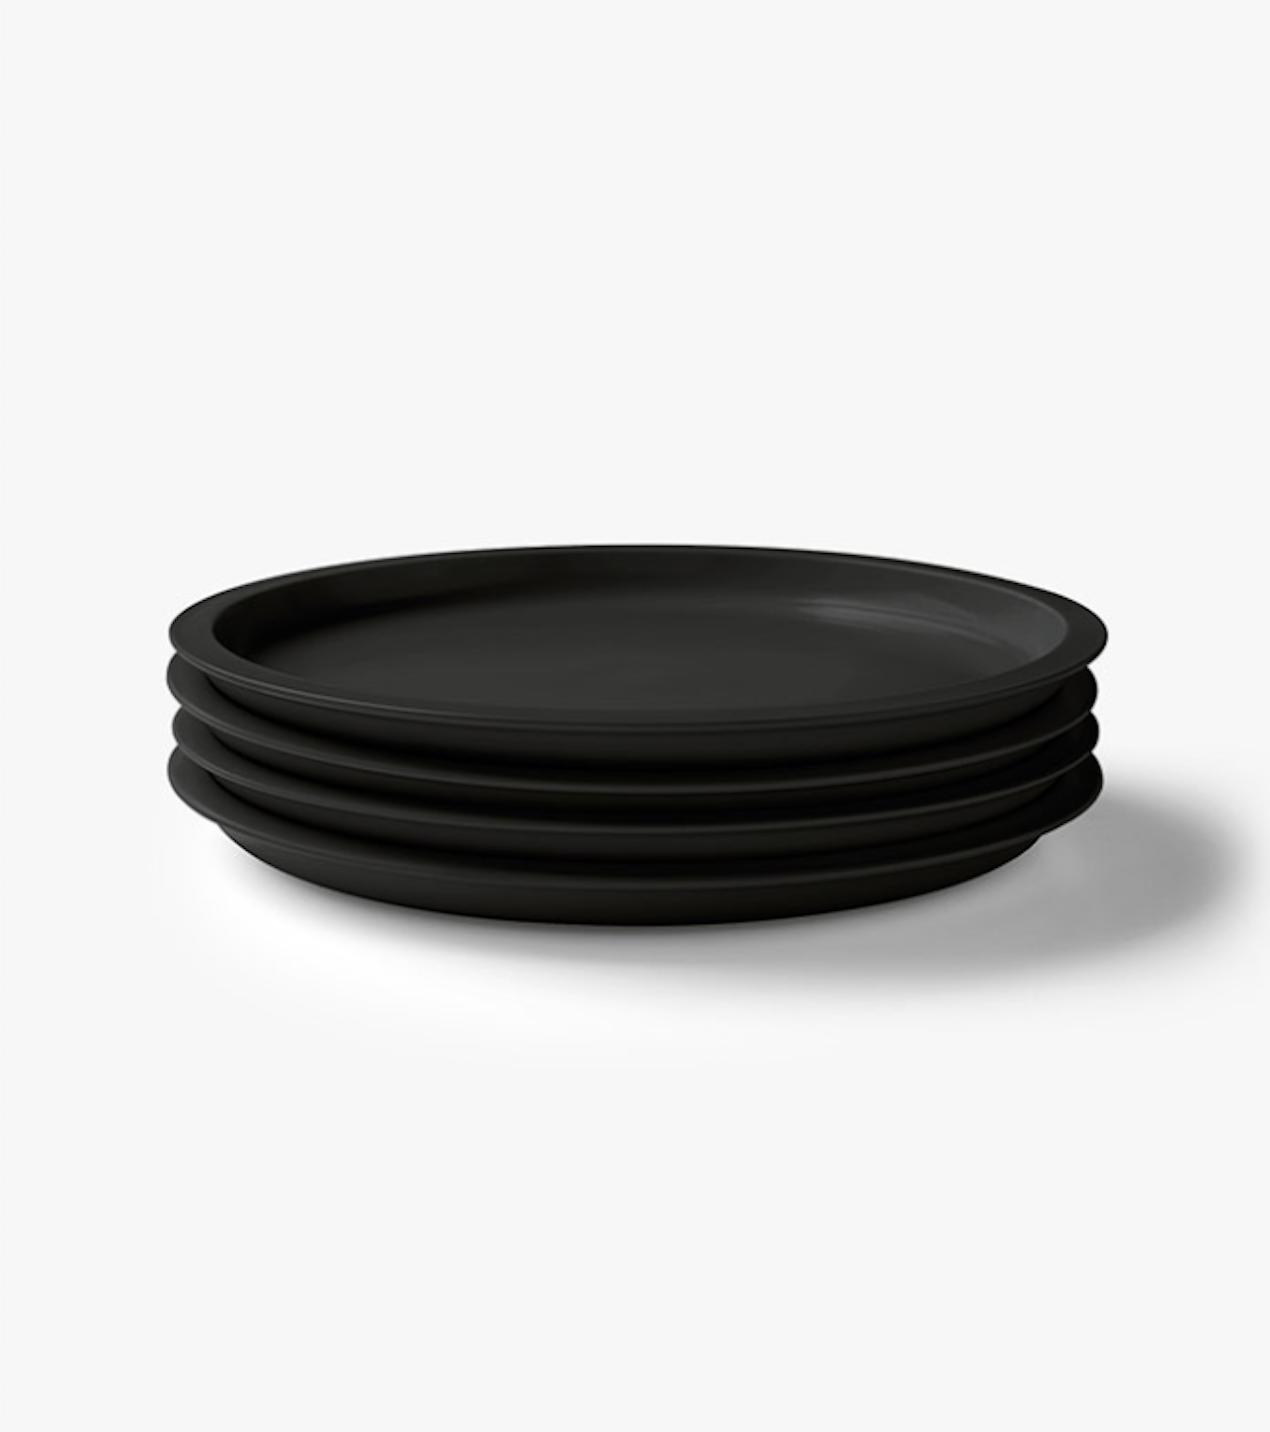 black kali dinner plate from aura home kali dinner plate 13